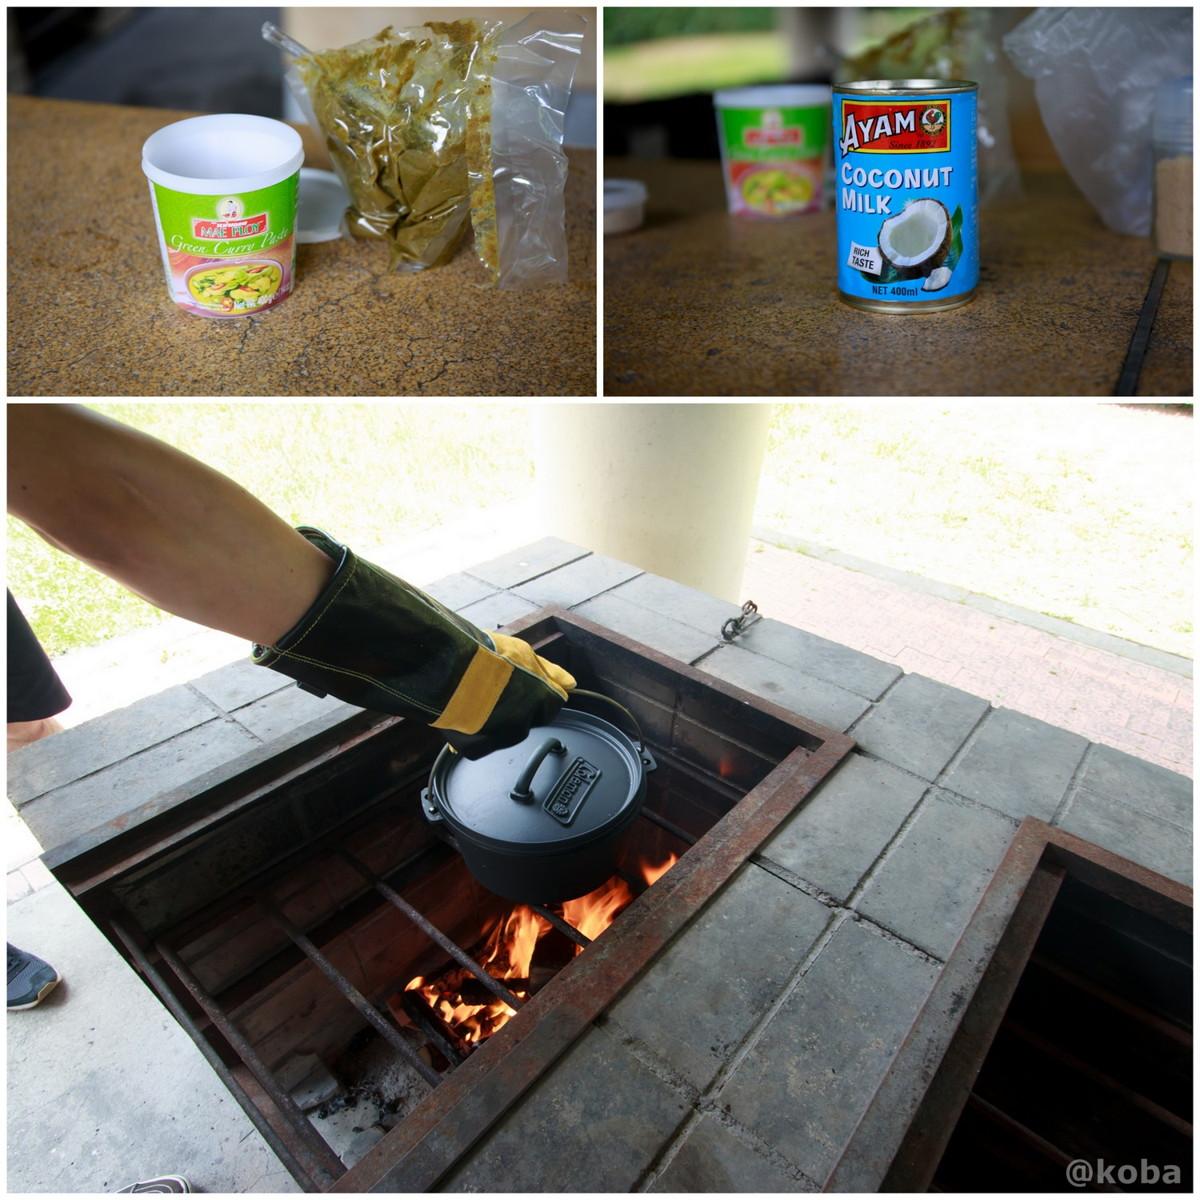 カレー準備 材料投入 炉の使い方 ダッチオーブンでカレー作り